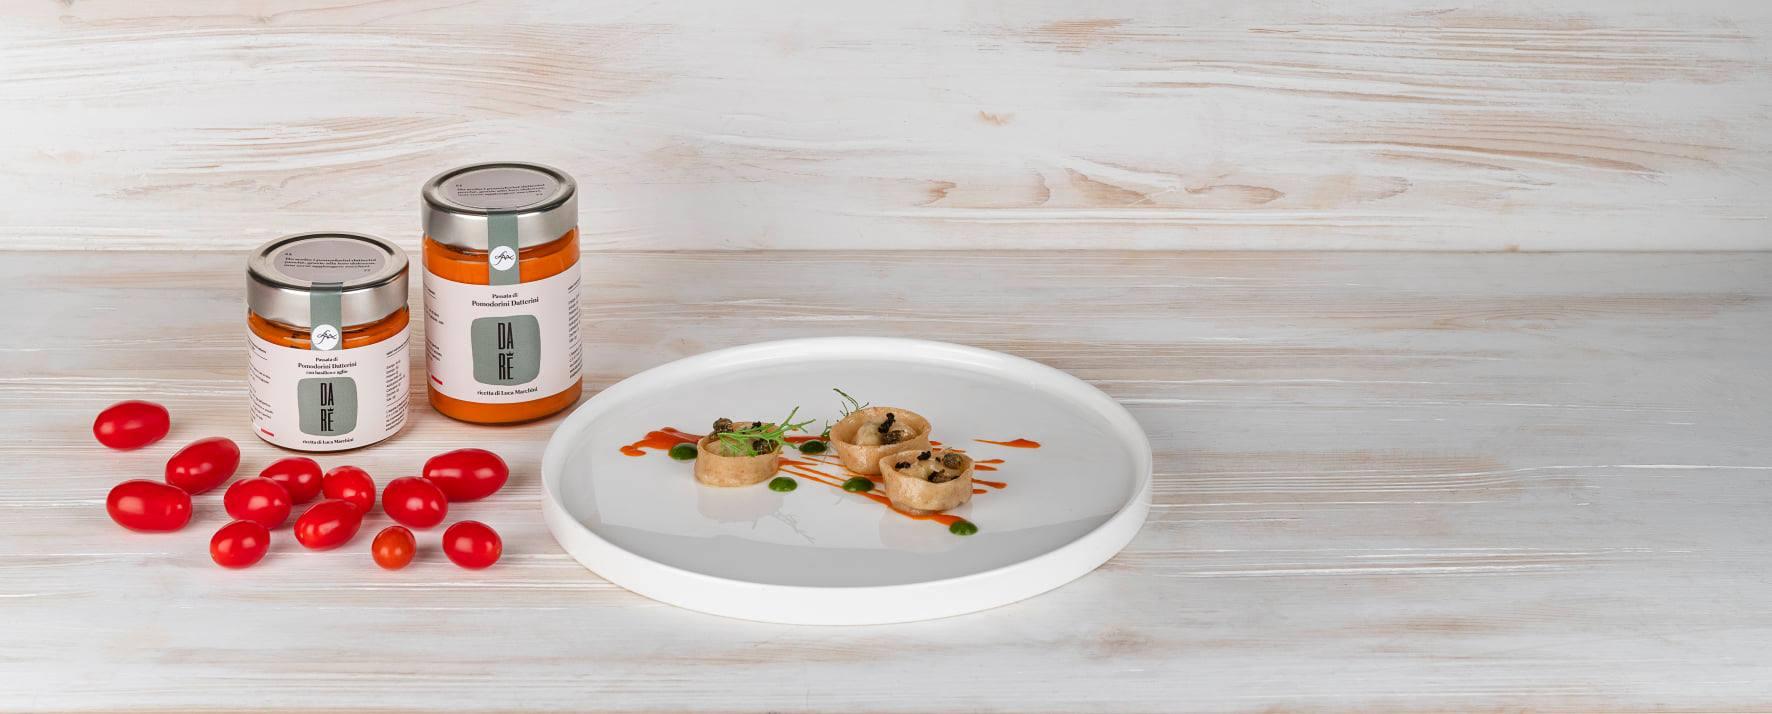 Piatto di pasta con salsa di pomodori datterini